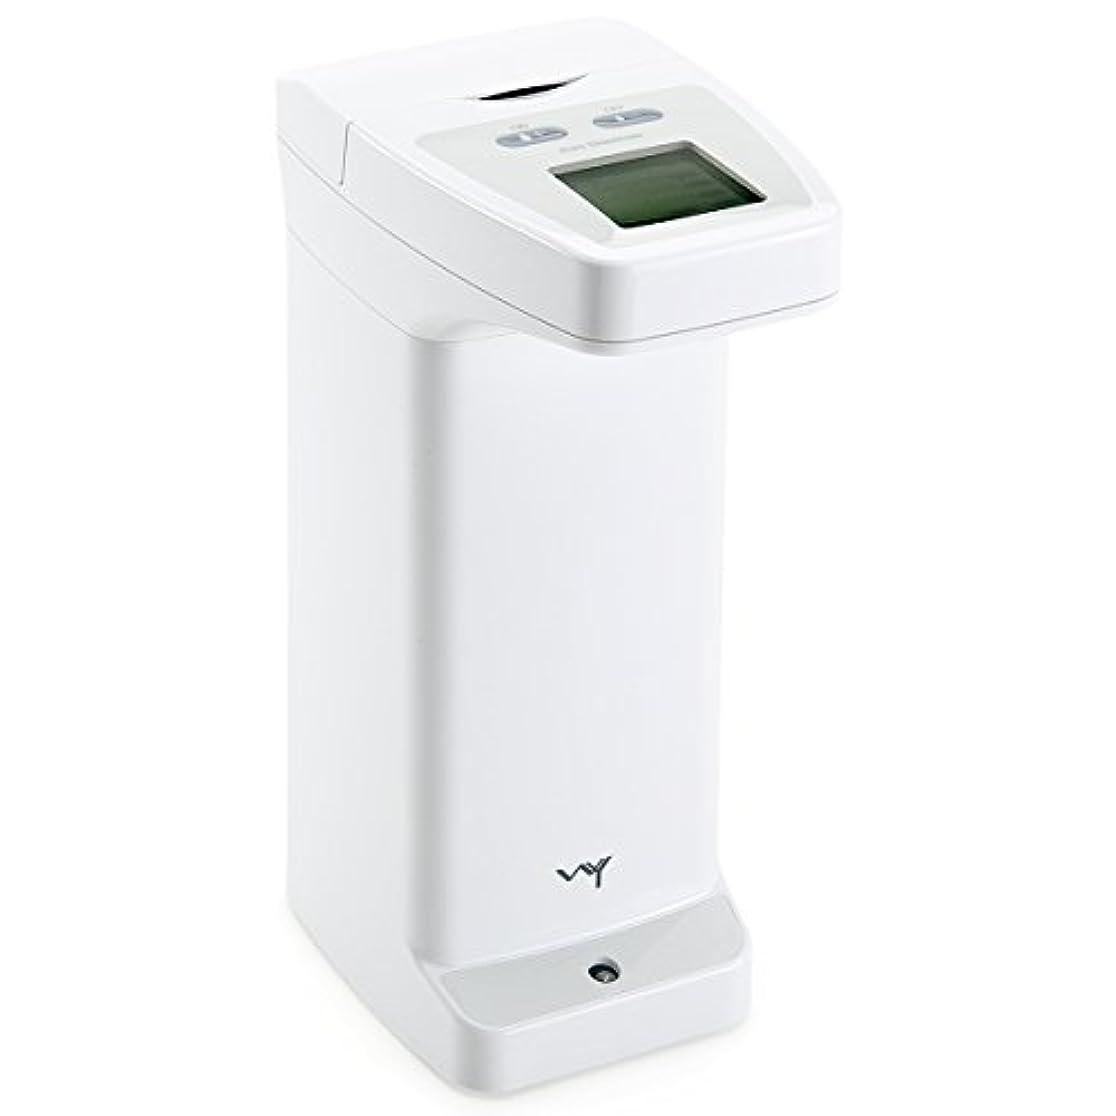 防水ヶ月目予見するWY 自動センサーディスペンサー 洗剤 ハンドソープ アルコール用 ソープディスペンサー 防滴 液晶付き WY-HM012